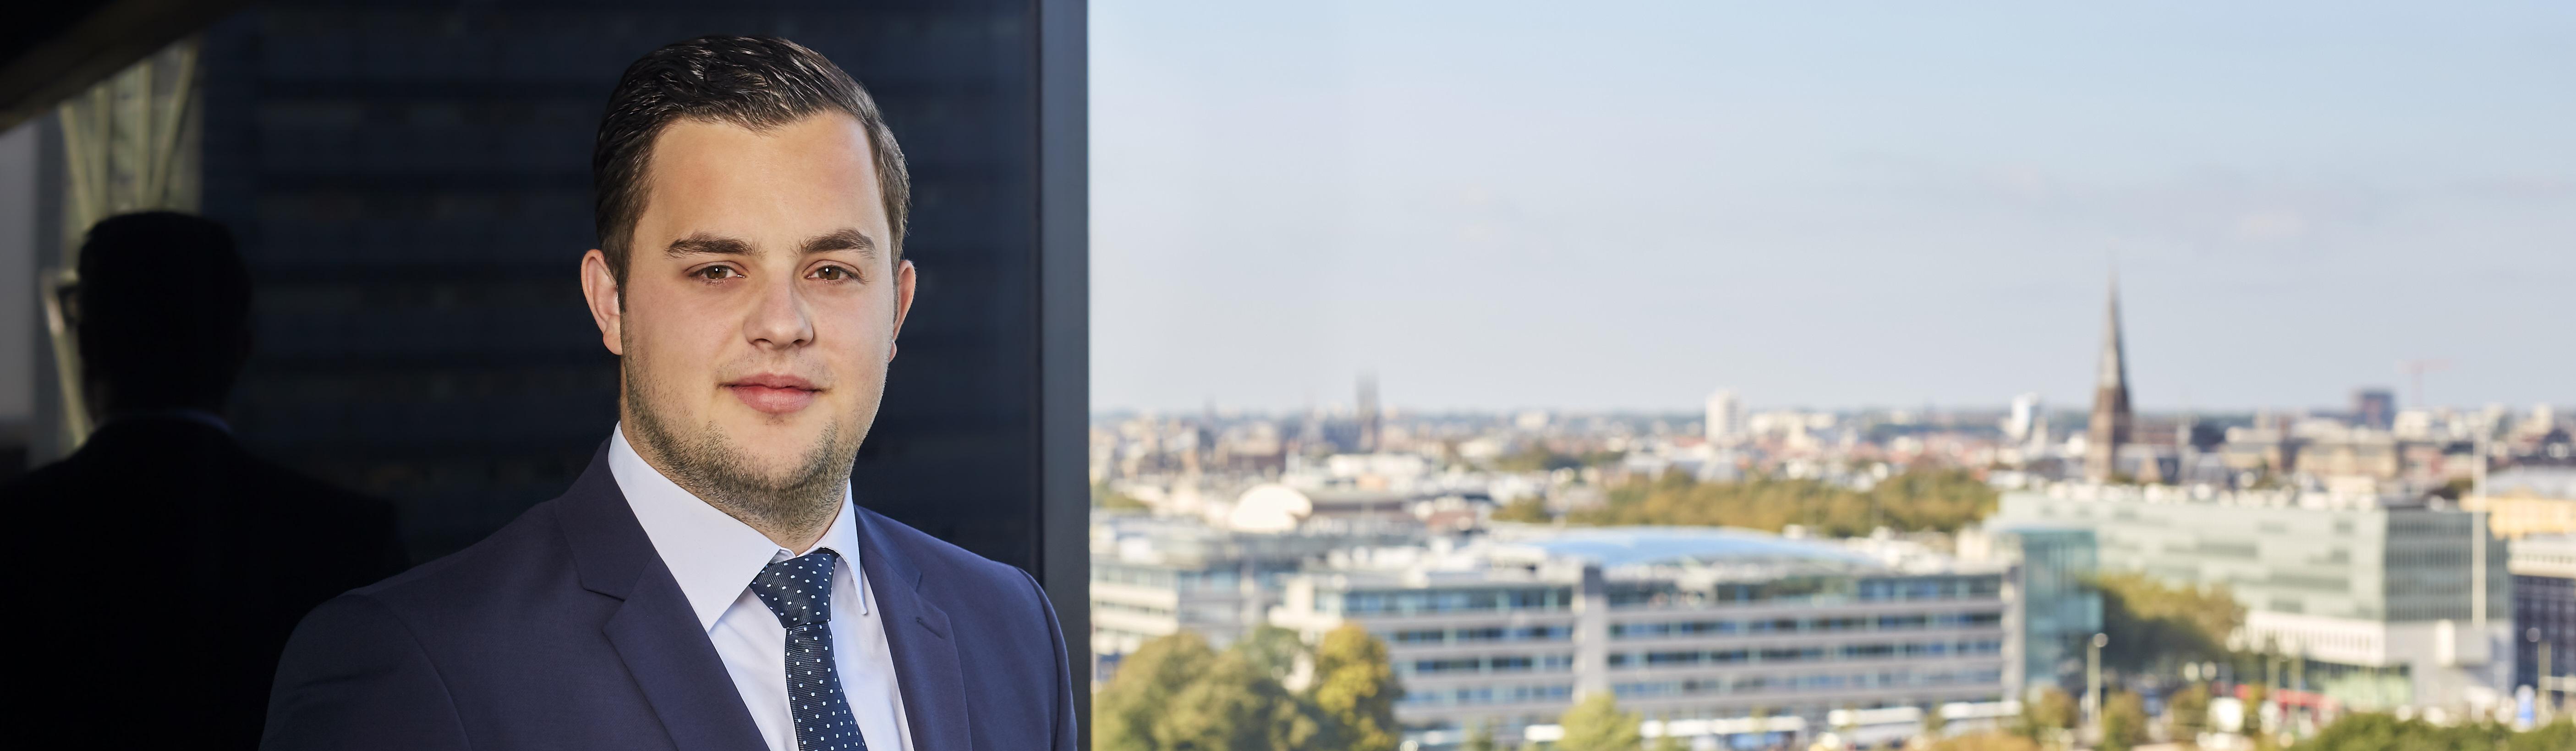 Bas de Cooker, kandidaat-notaris Pels Rijcken